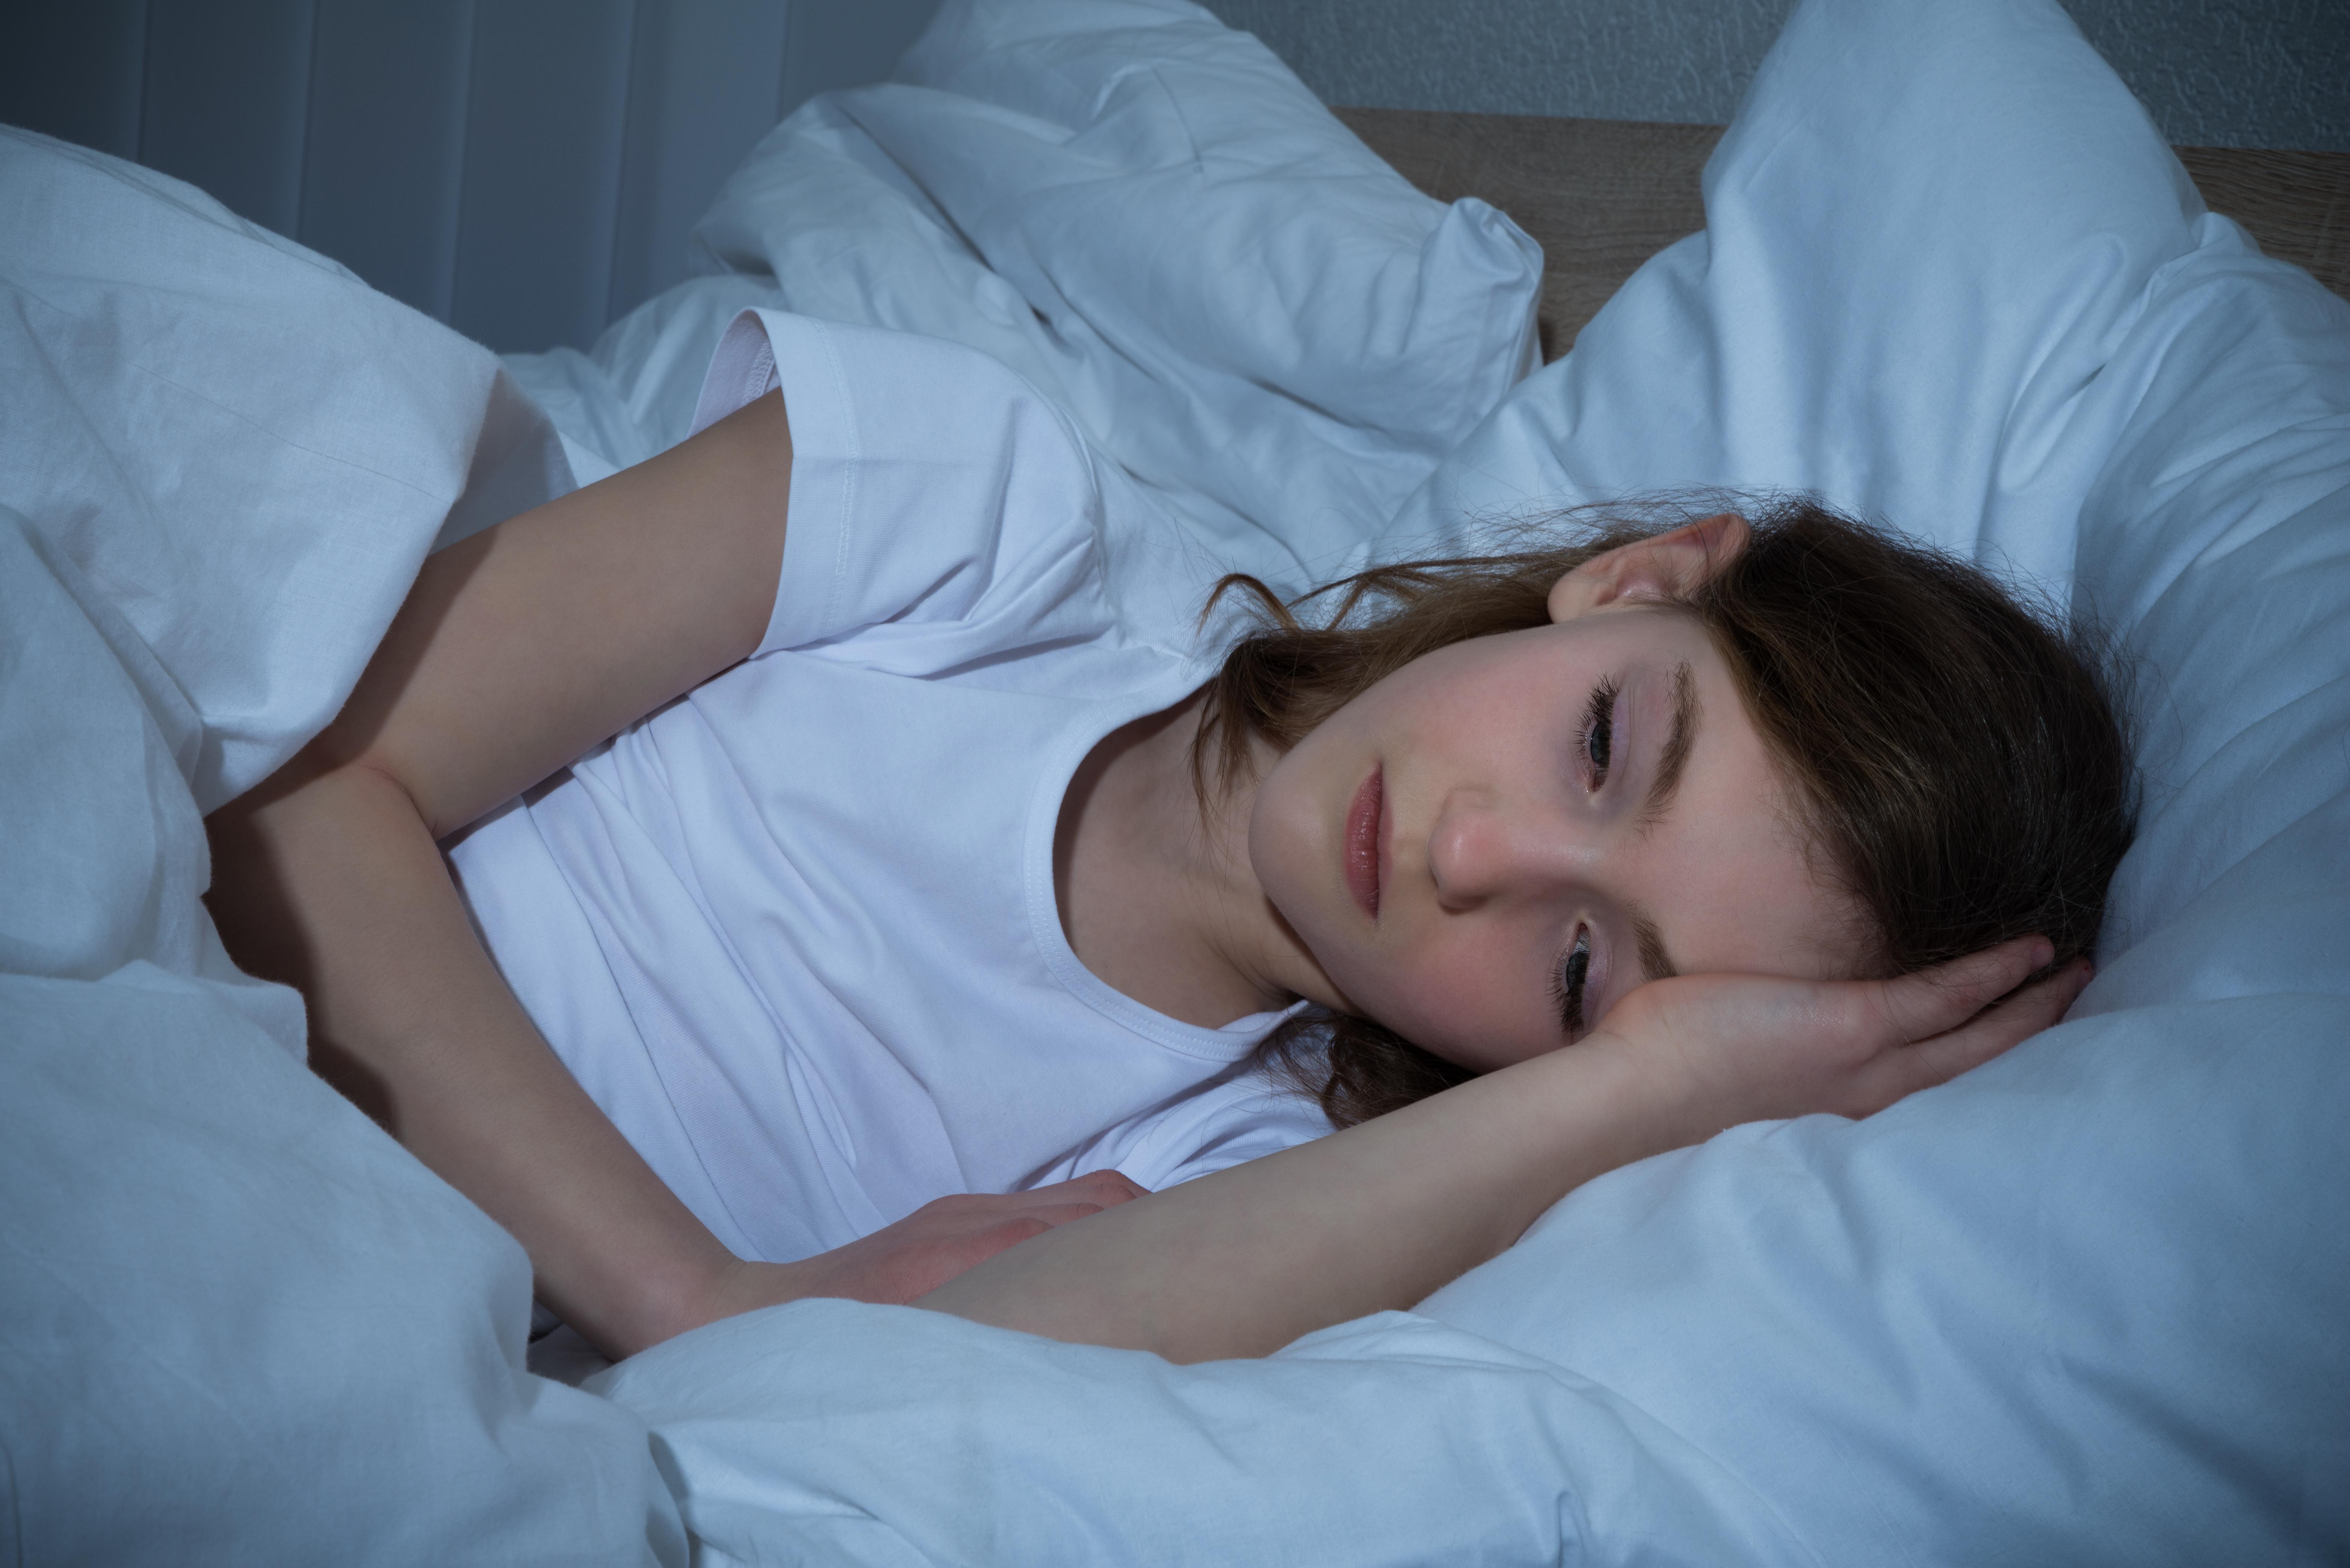 Vem som helst kan inte få melatonin som läkemedelsbehandling, utan det roör sig om barn med en mer komplex problematik än bara tillfälliga sömnstörningar.Tanken med melatonin är att hjälpa barn, som har så svåra sömnproblem att det påverkar både familj och skola, att få en normal dygnsrytm.